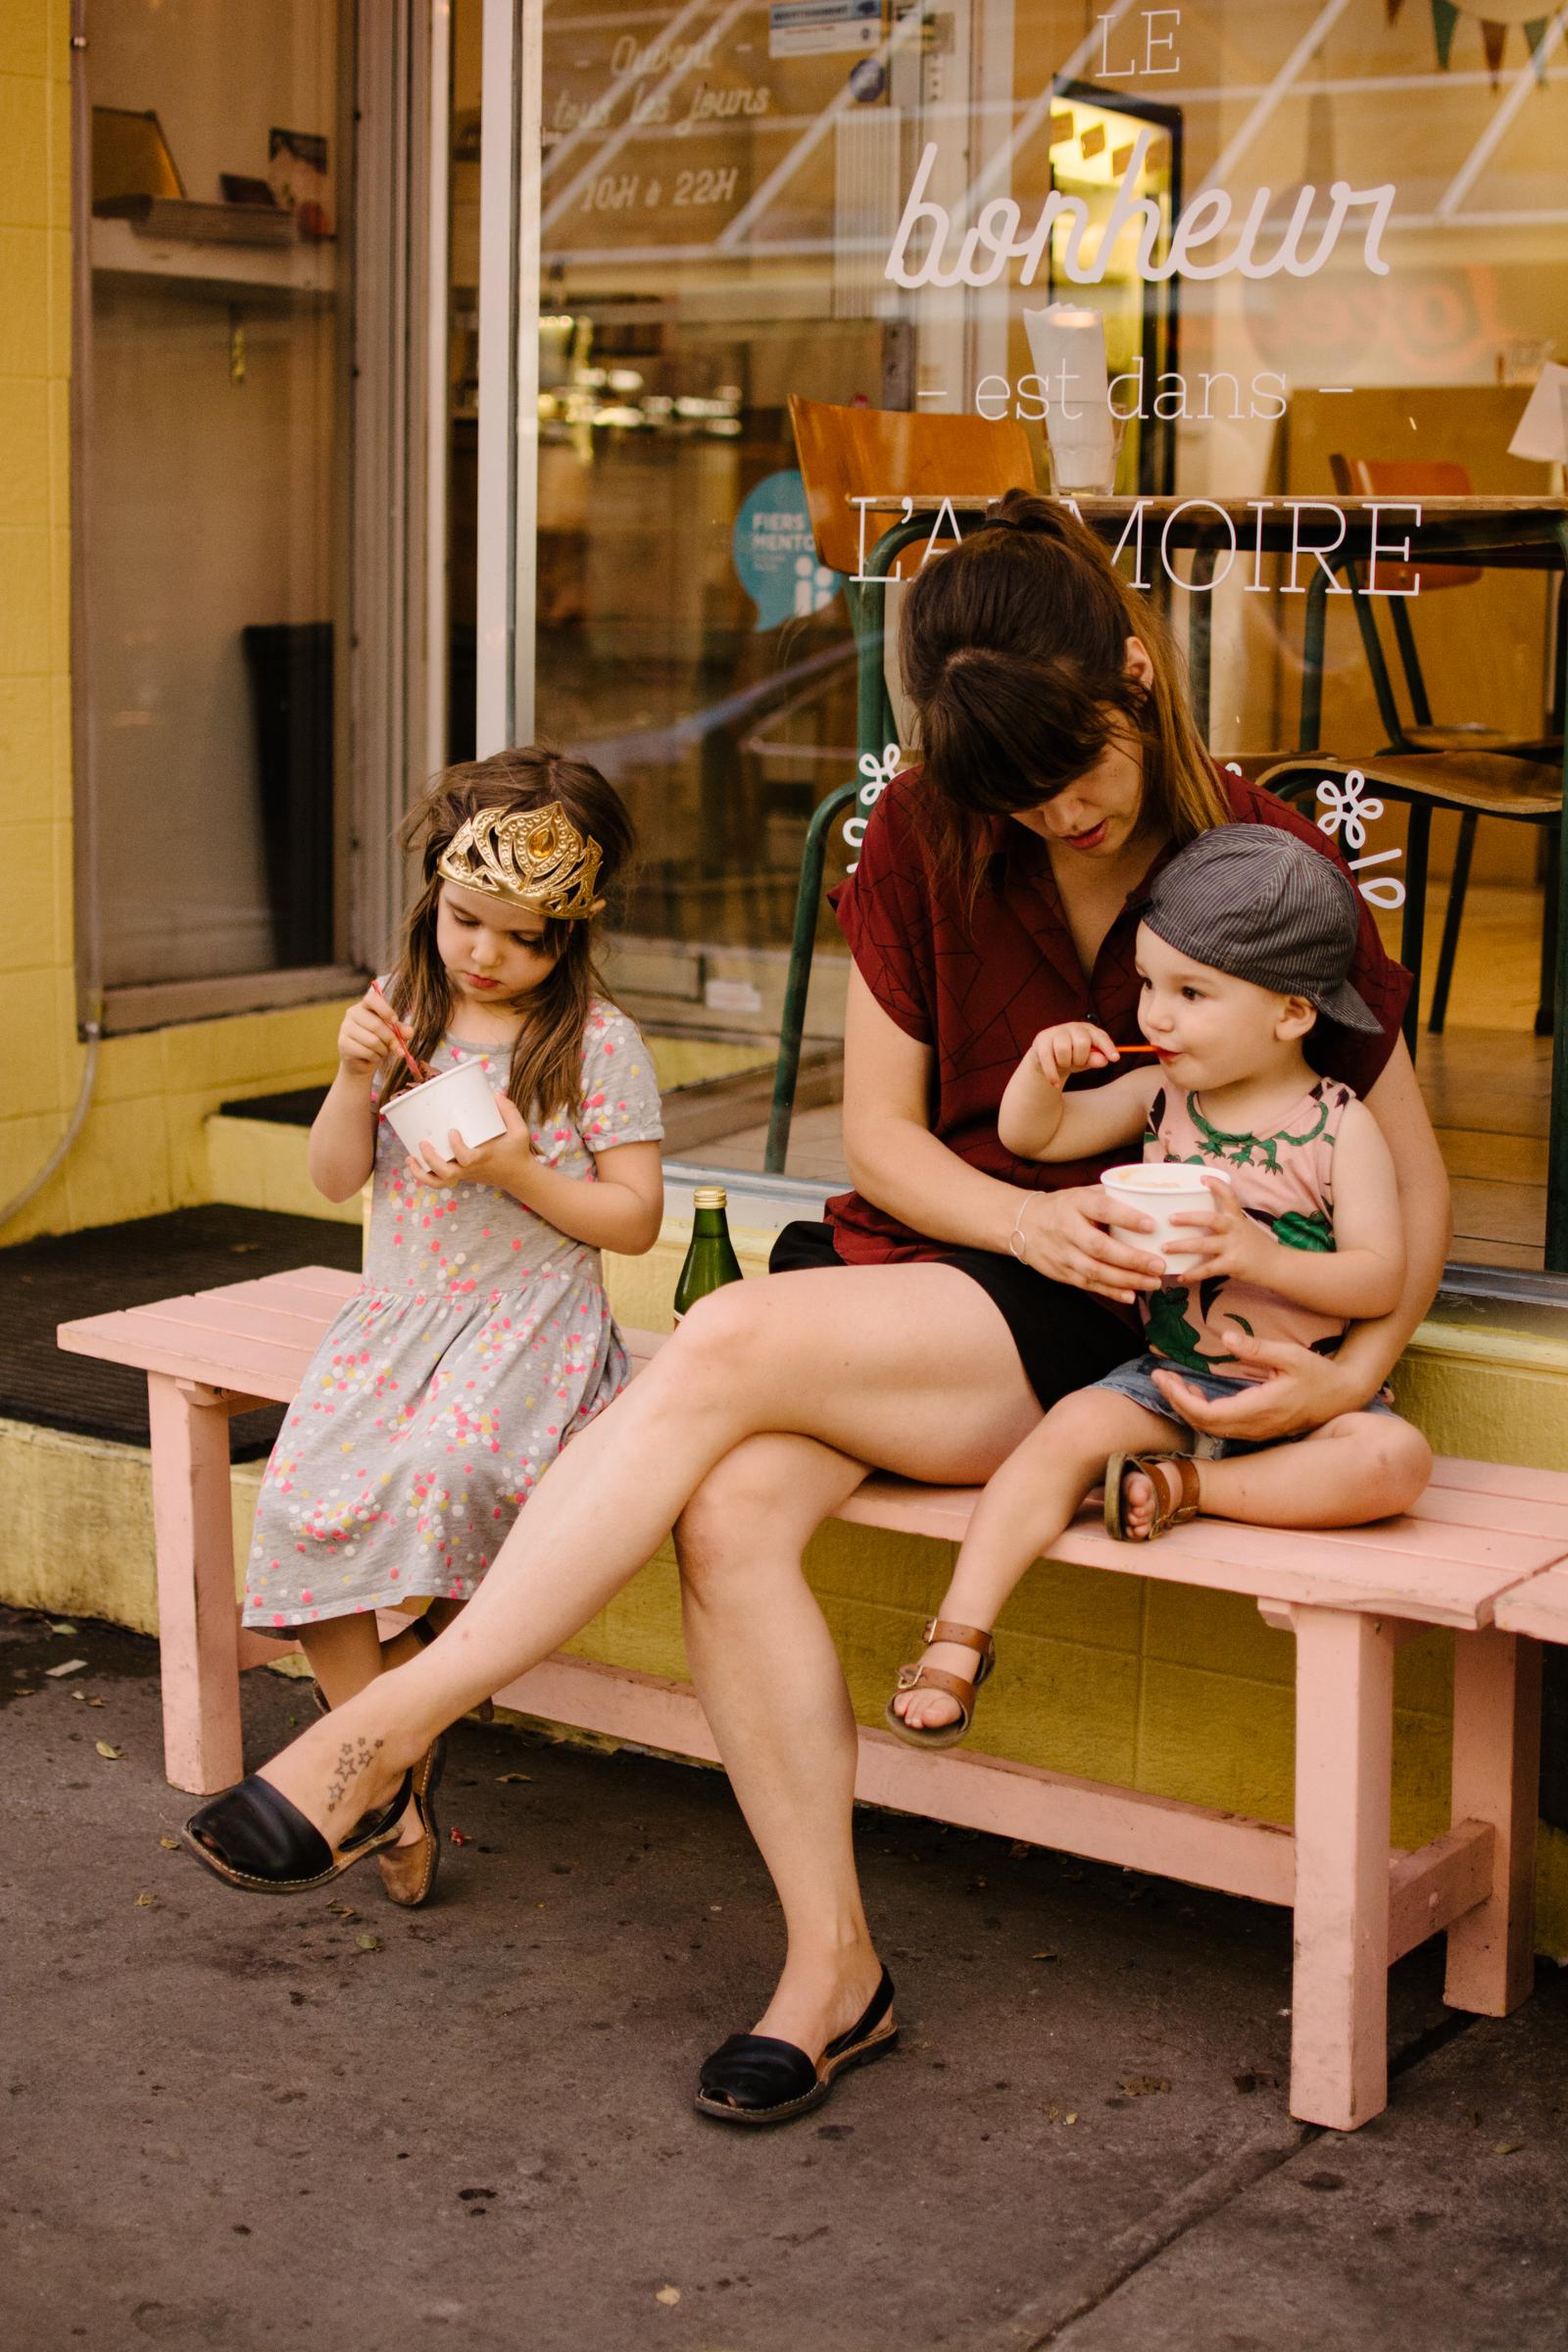 photo-d-une-mere-et-ses-enfants-devant-une-cremerie-photographe-lifestyle-de-famille-a-montreal-marianne-charland-084.jpg